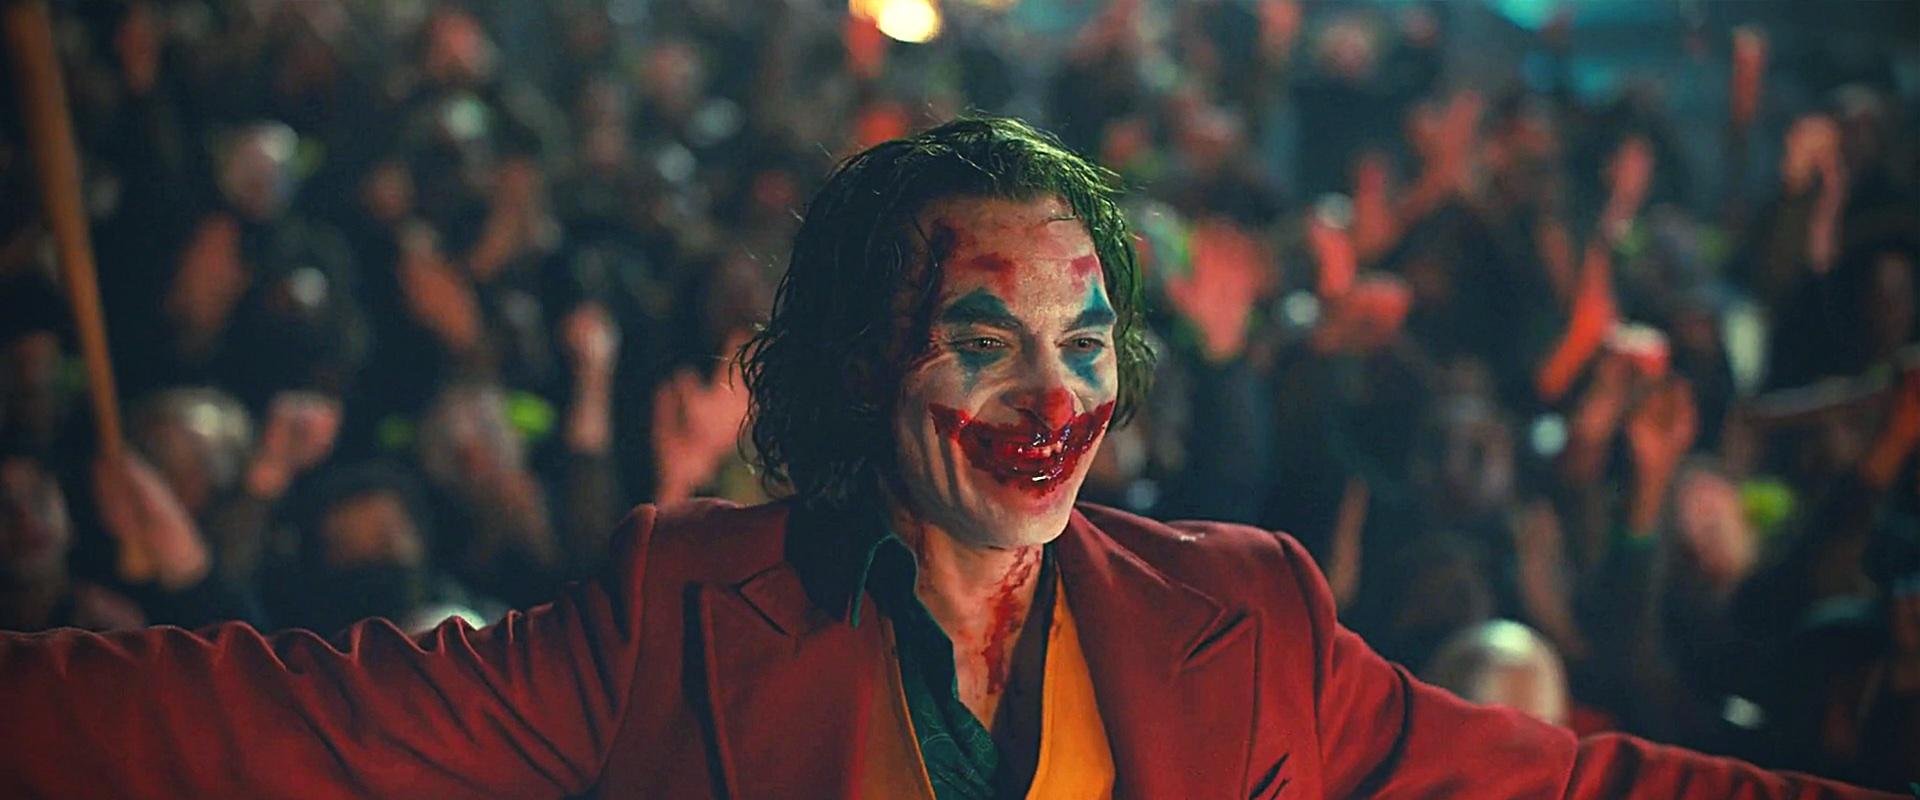 joker-main.jpg